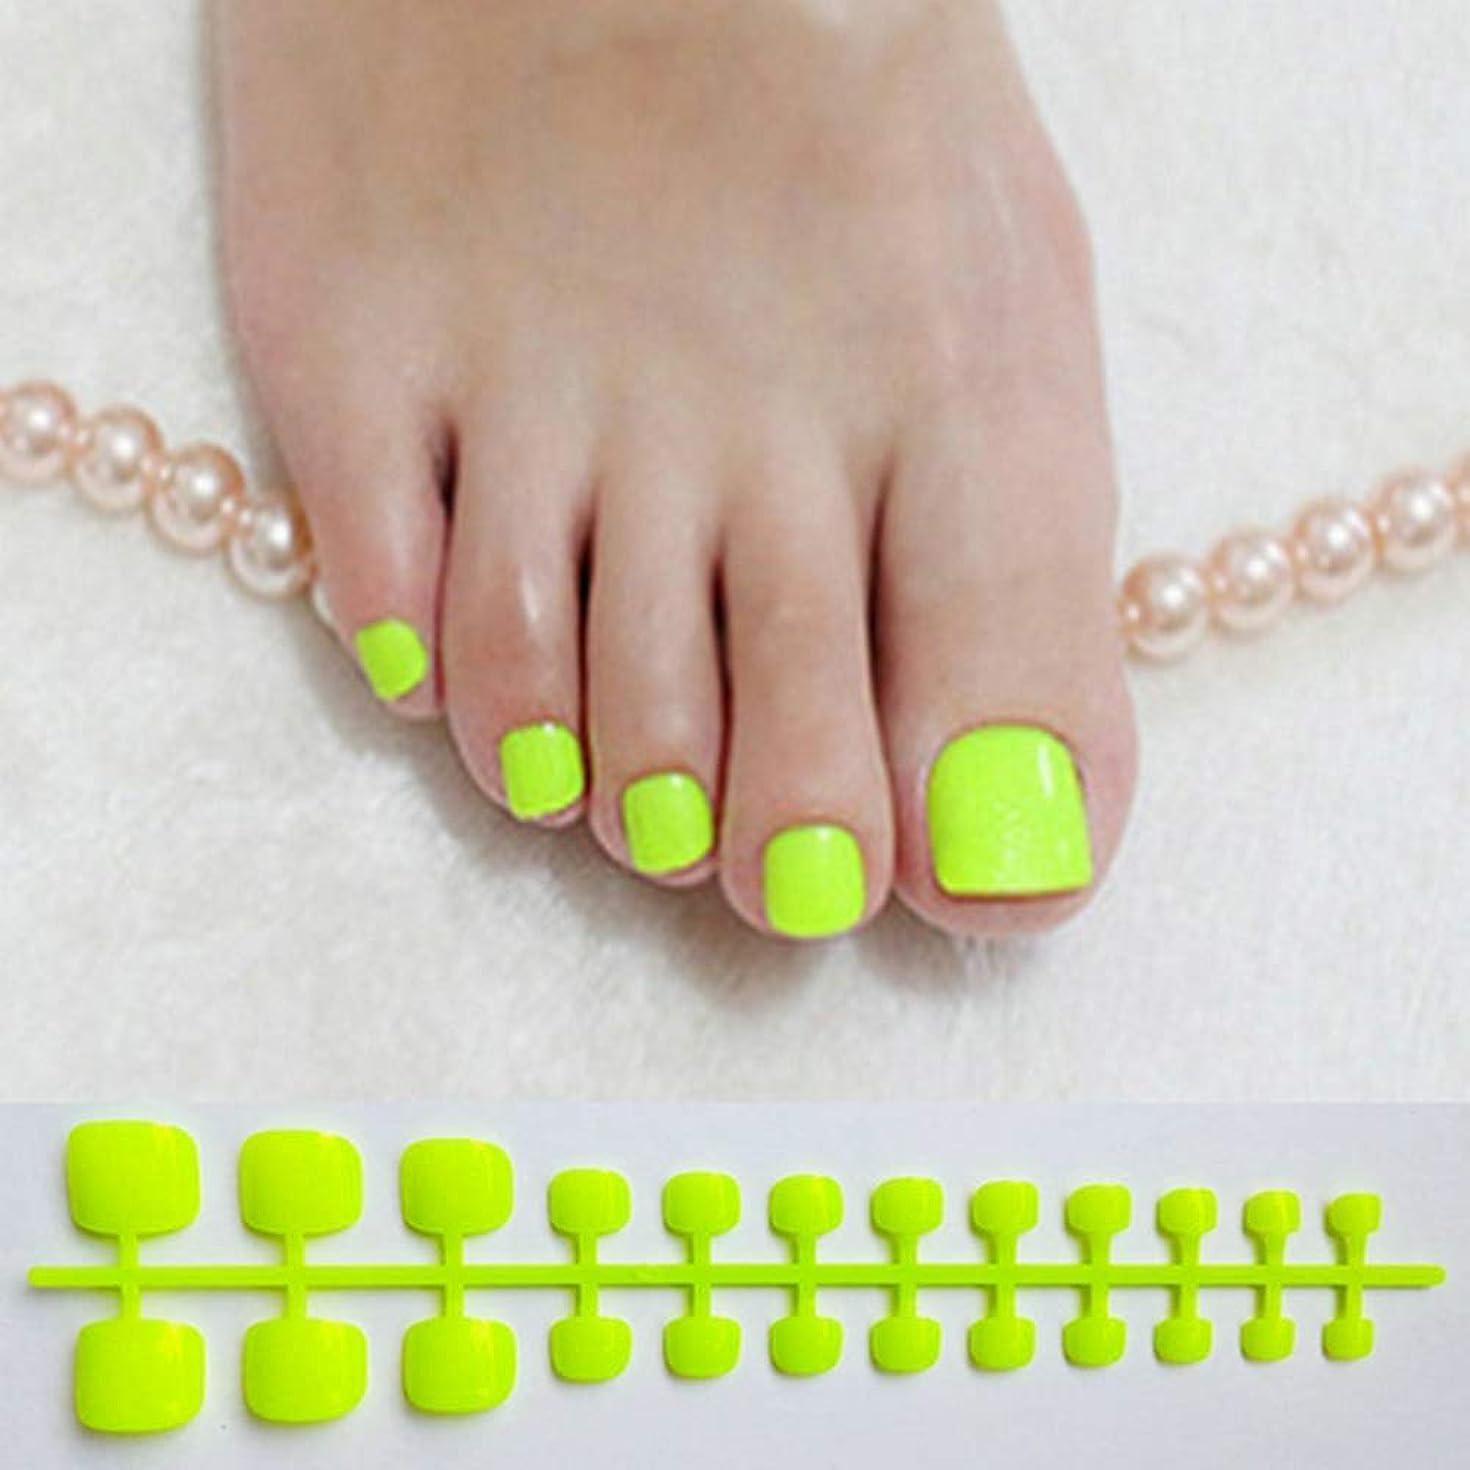 努力する作曲する未亡人XUTXZKA 人工爪色の爪の明るい緑の偽のつま先の爪の広場